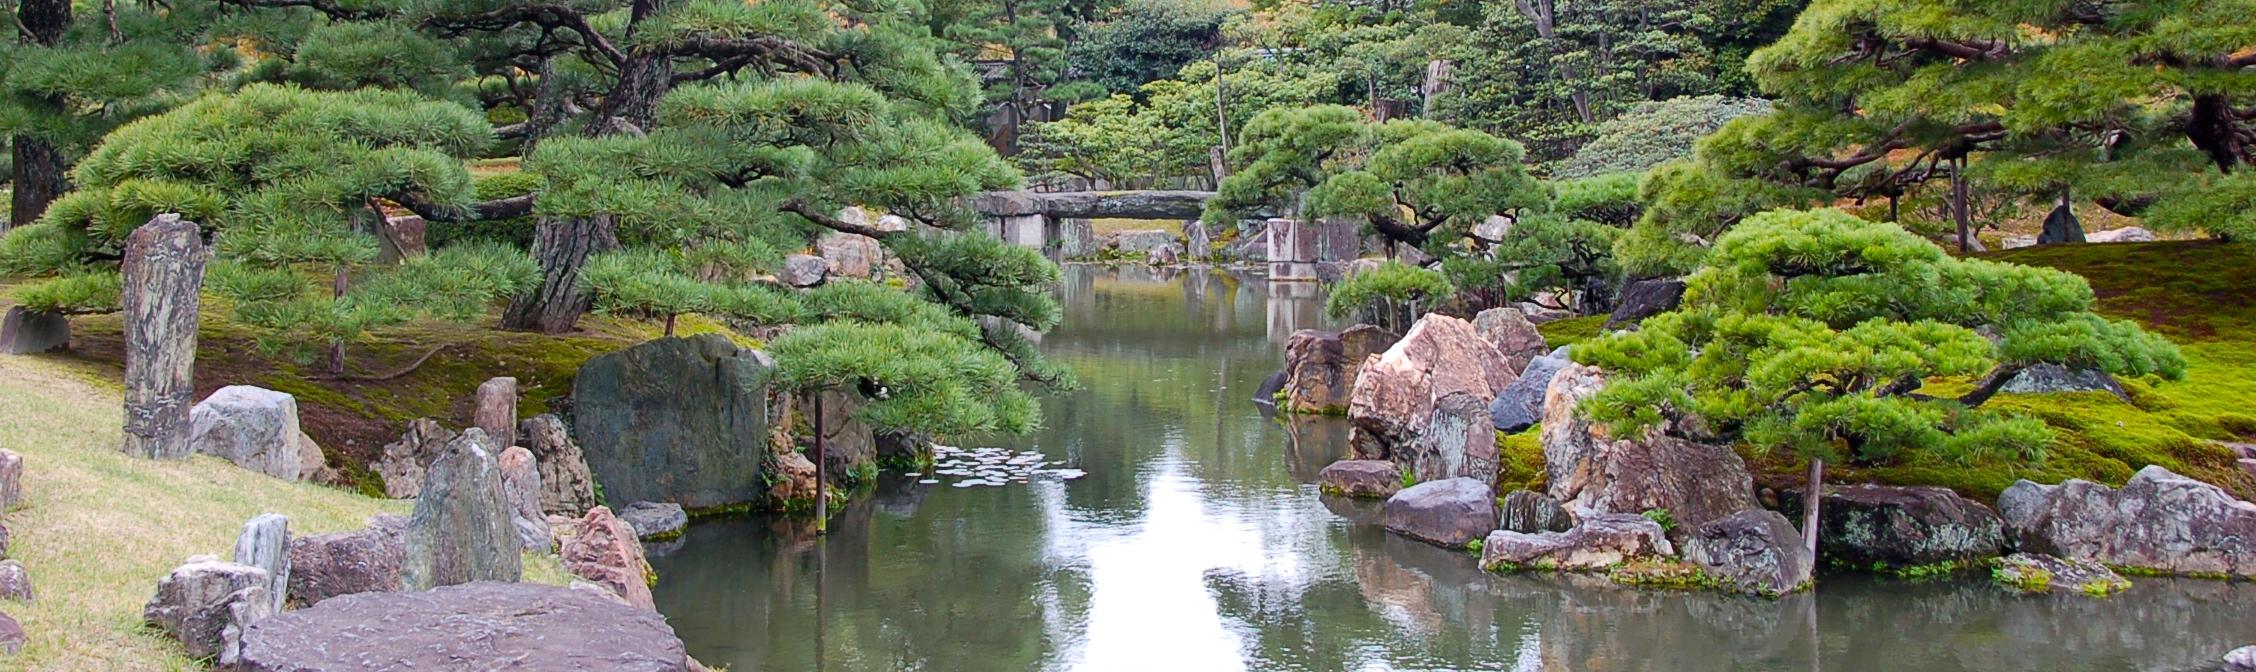 Castillo de Nijo, Kioto, Japón